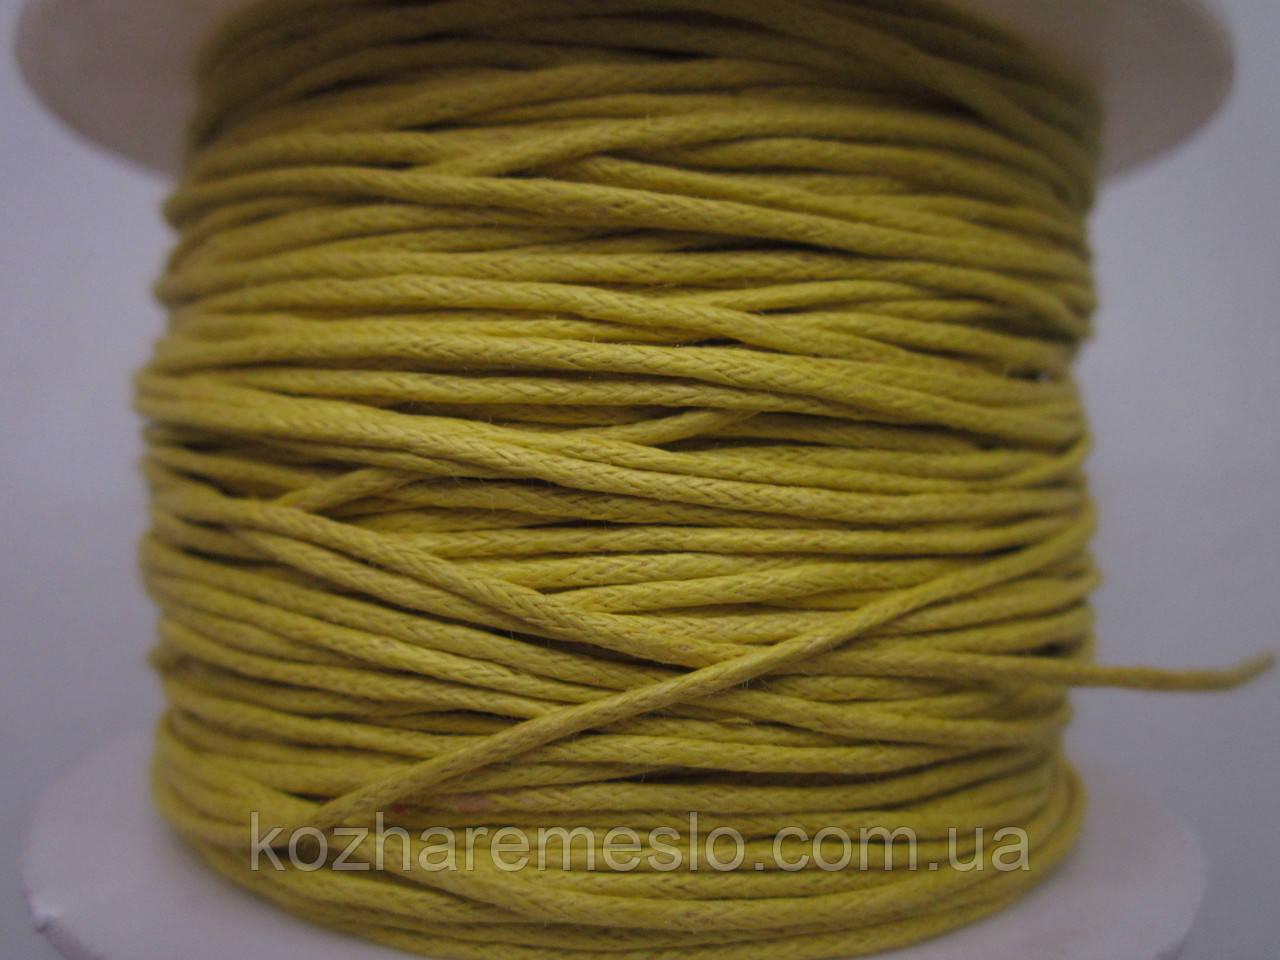 Шнур вощёный хлопковый 1 мм жёлтый